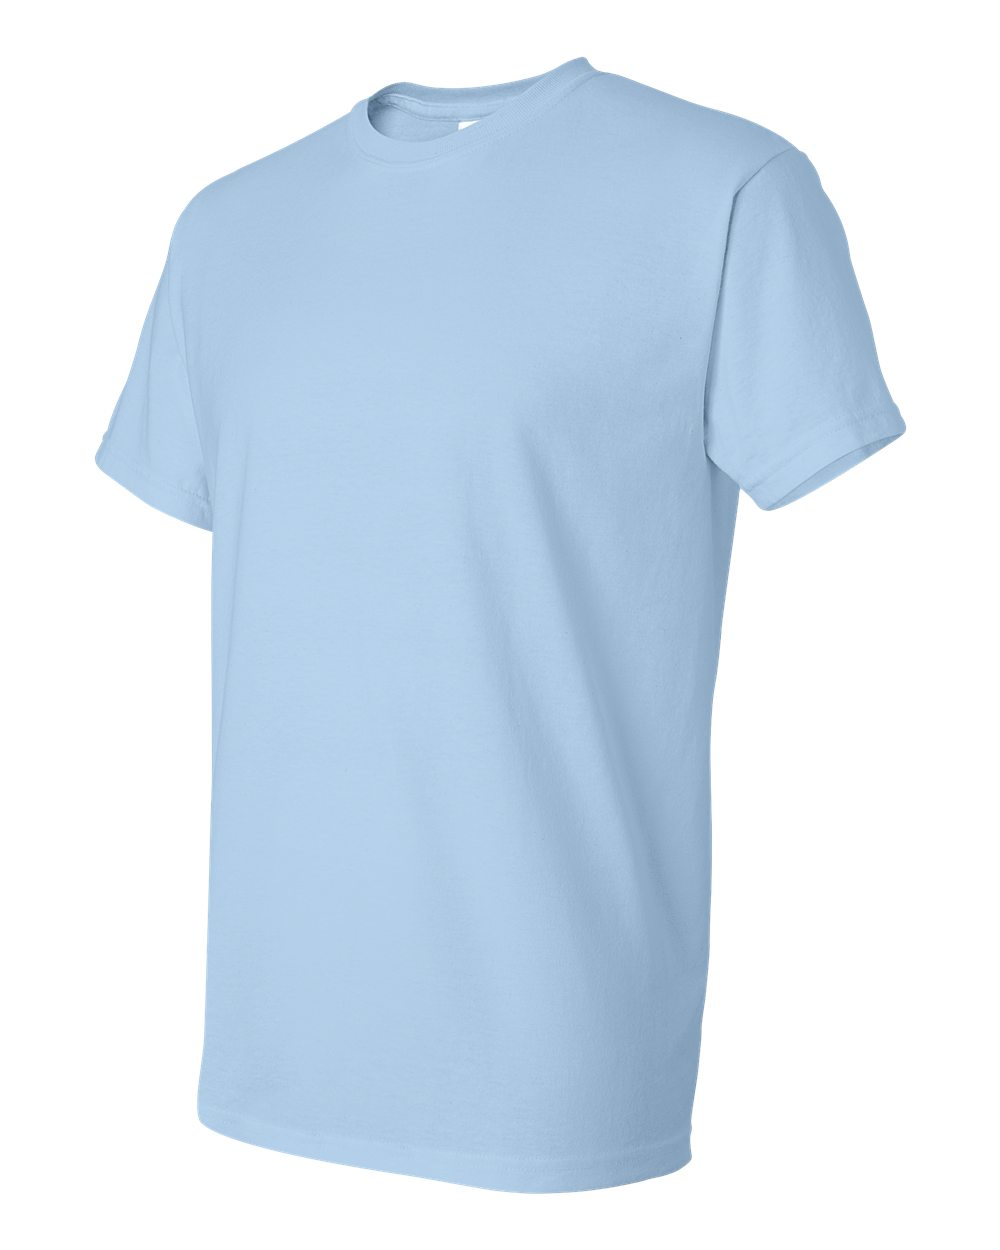 Gildan-Mens-DryBlend-5-6-oz-50-50-T-Shirt-G800-Size-S-5XL thumbnail 47